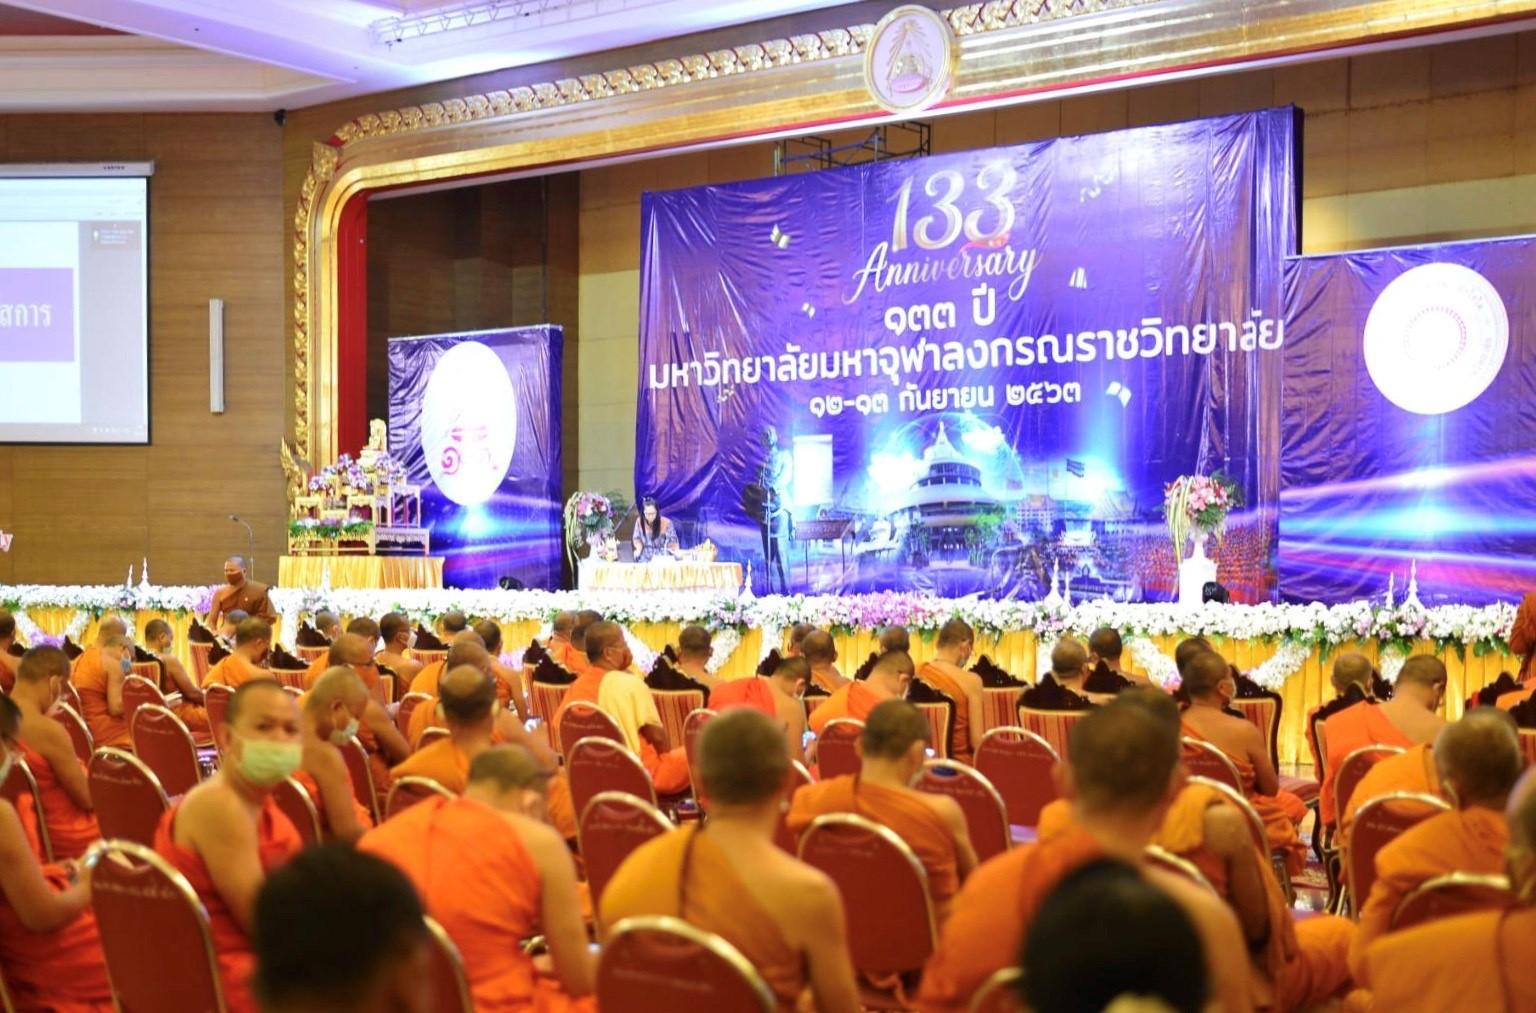 Thái Lan : Kỷ niệm 133 năm thành lập MCU Ảnh 1